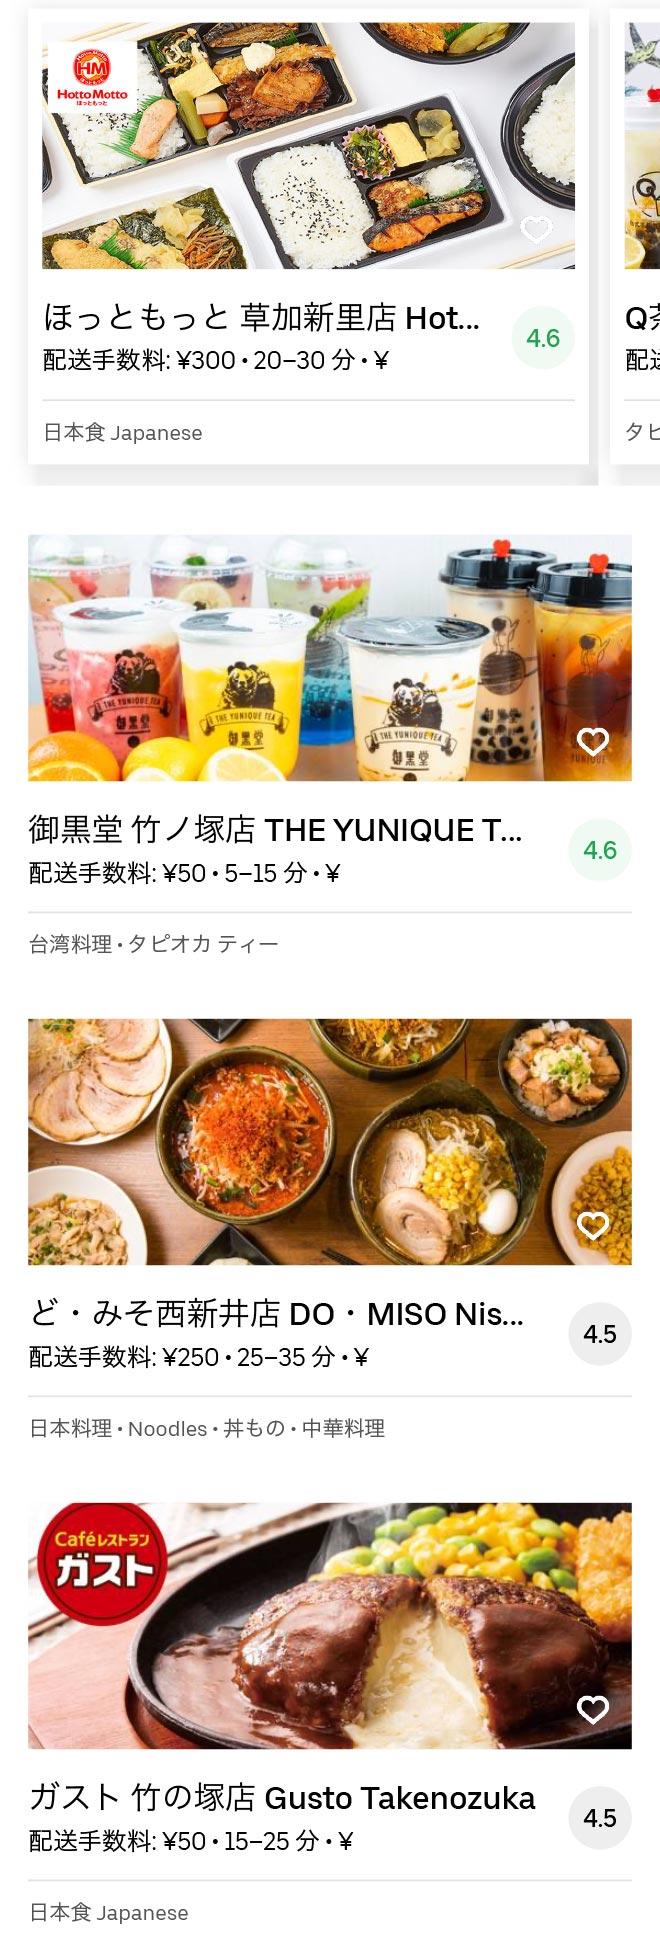 Tokyo takenotsuka menu 2005 02